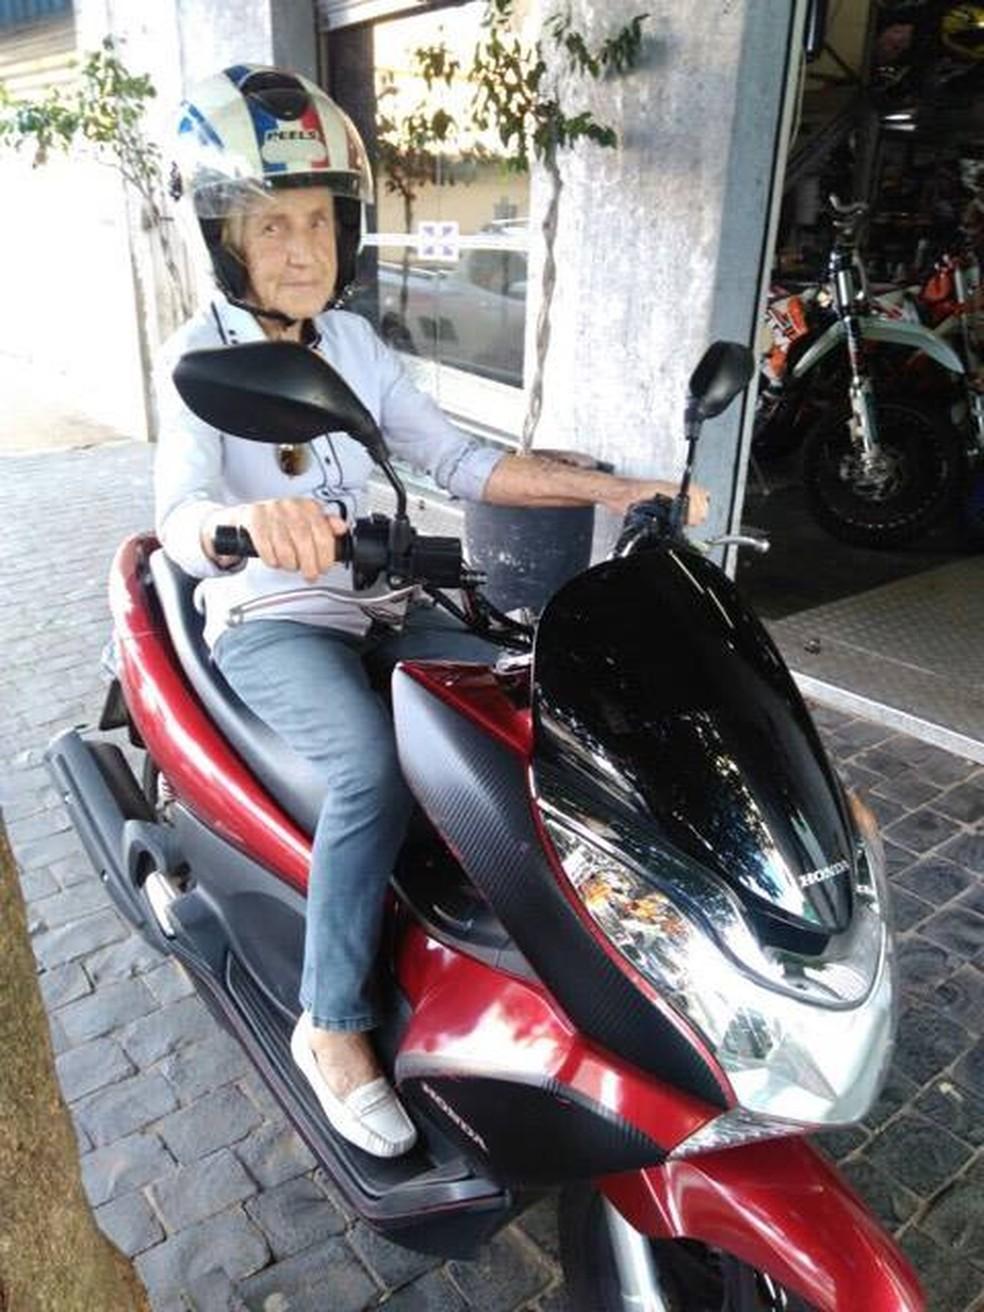 A idosa se diverte nos momentos que acompanha o filho no mundo das motocicletas (Foto: Fausto Moura/ Arquivo Pessoal)